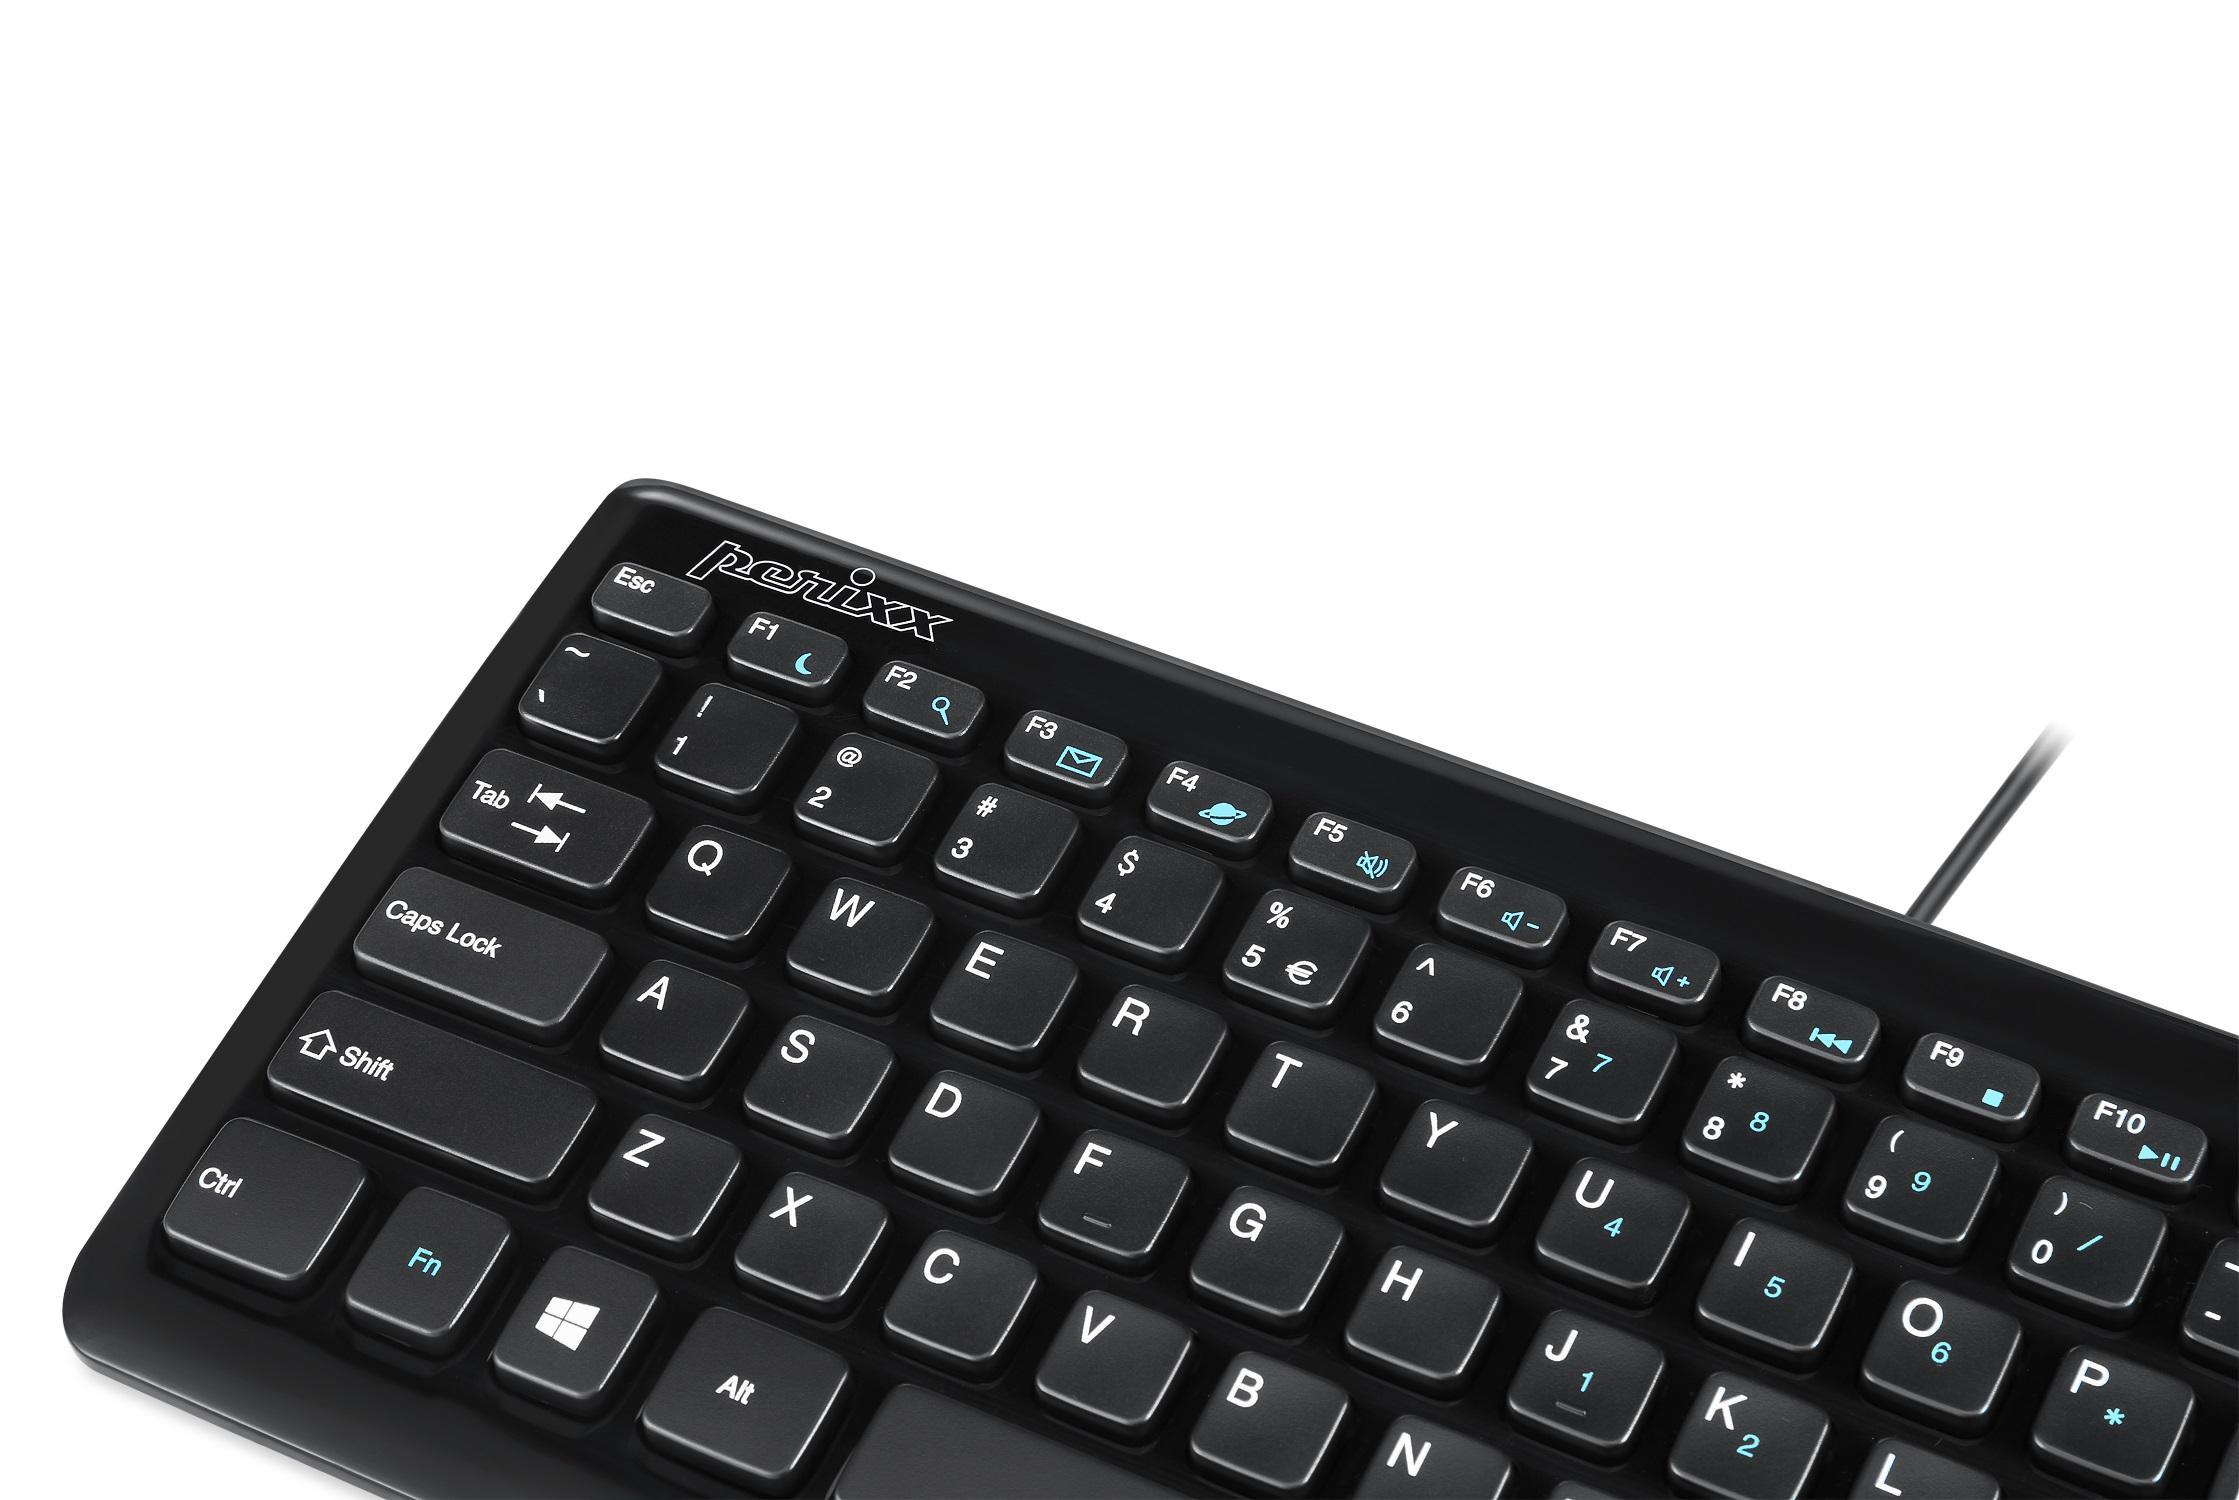 perixx periboard 407b mini keyboard wired usb interface piano black 320x141x25mm. Black Bedroom Furniture Sets. Home Design Ideas